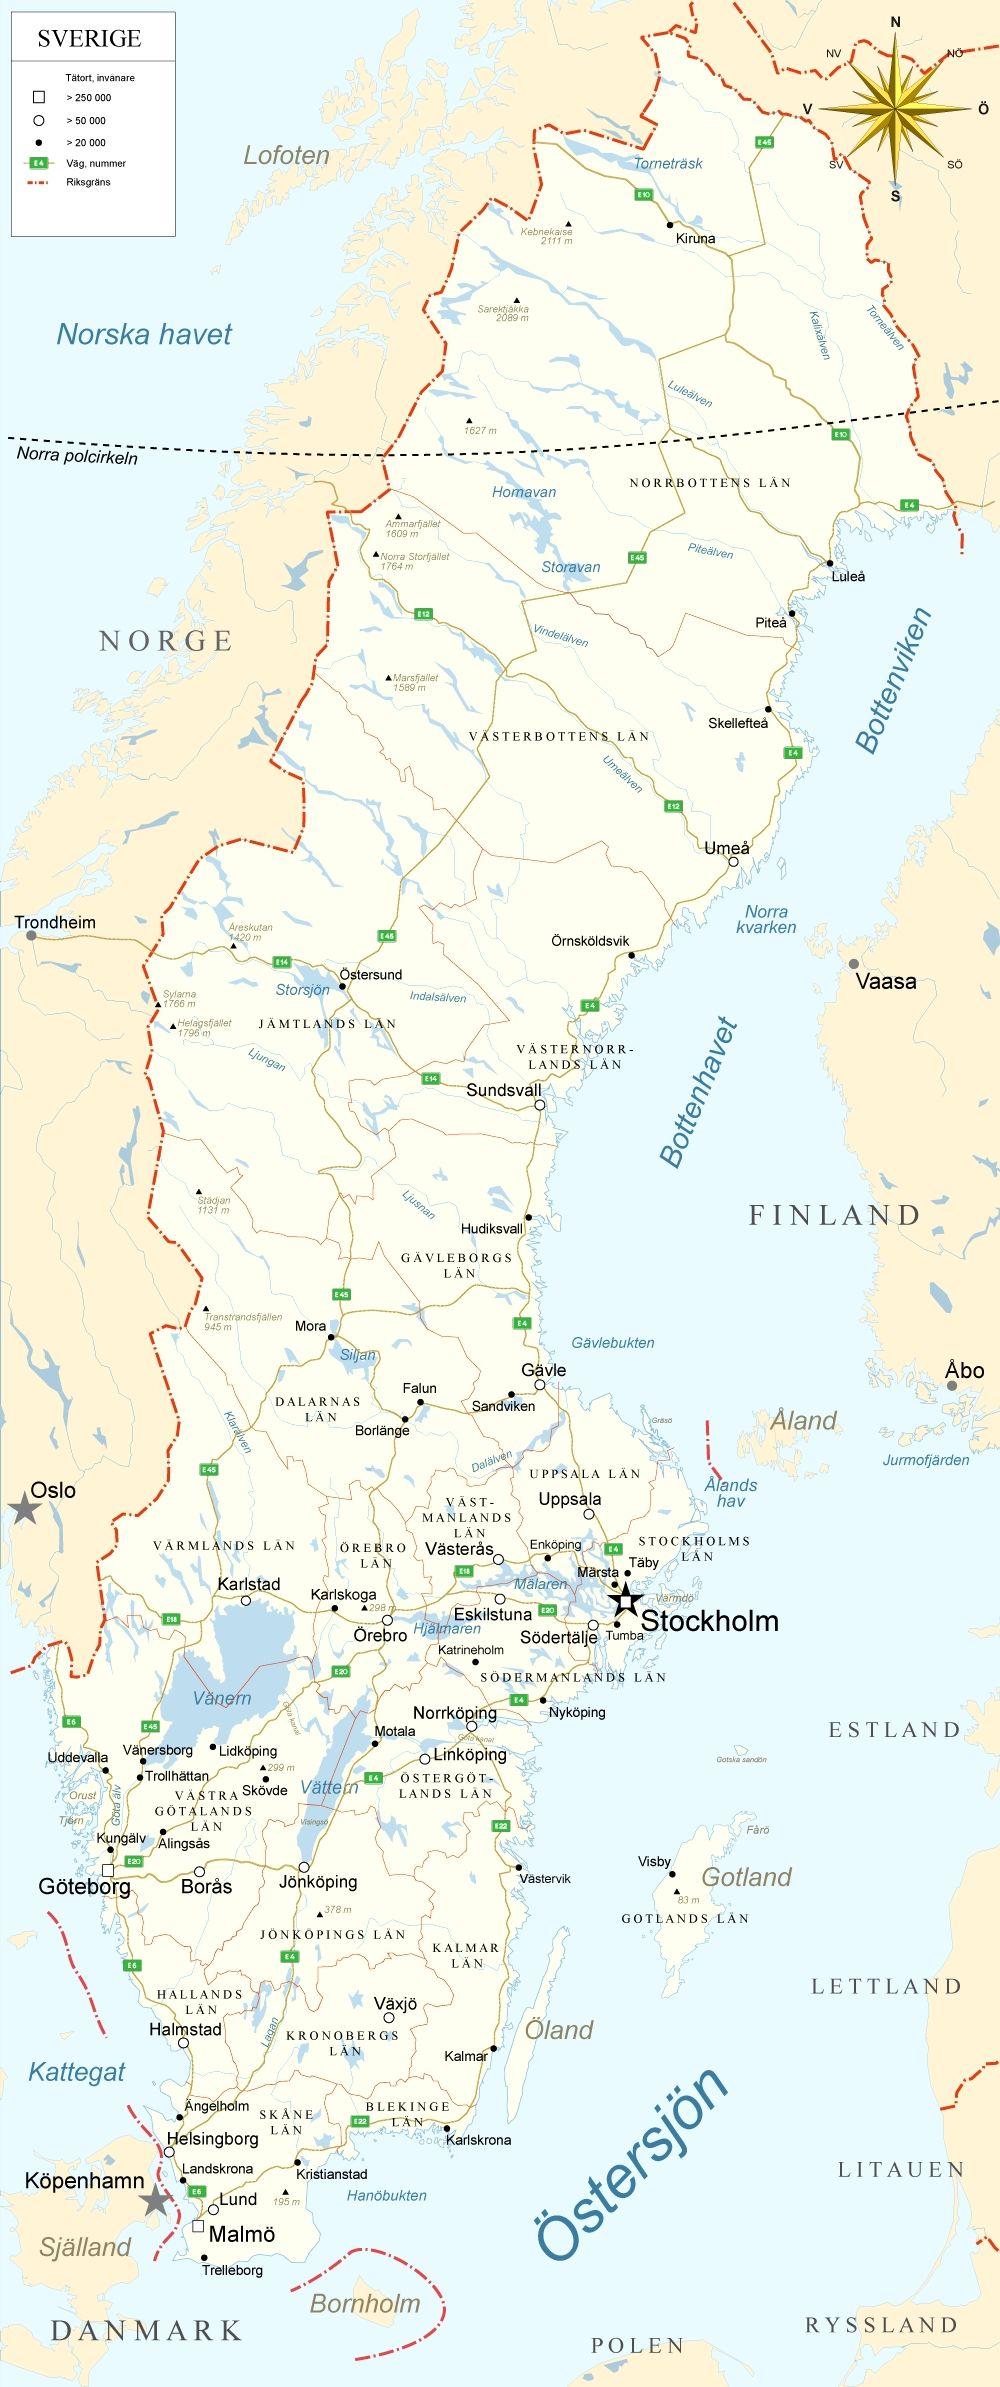 With Images Sweden Map Sweden Sweden Travel